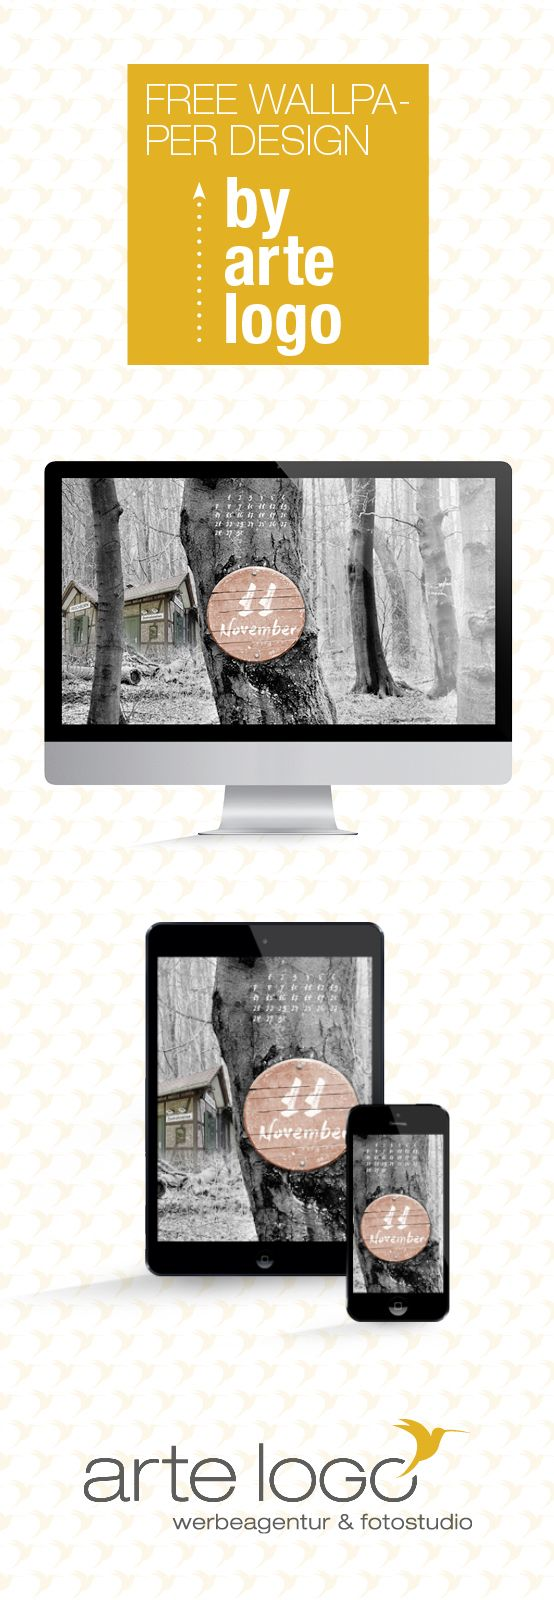 Free Wallpaper for Desktop, iPhone and iPad by arte-logo.de Free Download, Kalender 2016, selfmade, DIY, November, Zentralstation, Frischborn, Vulkanradweg, Bahnhof, Zentrale, Waldschlösschen, Wald, Hexenhaus, Winter, Lauterbach, Vogelsbergkreis, Hessen